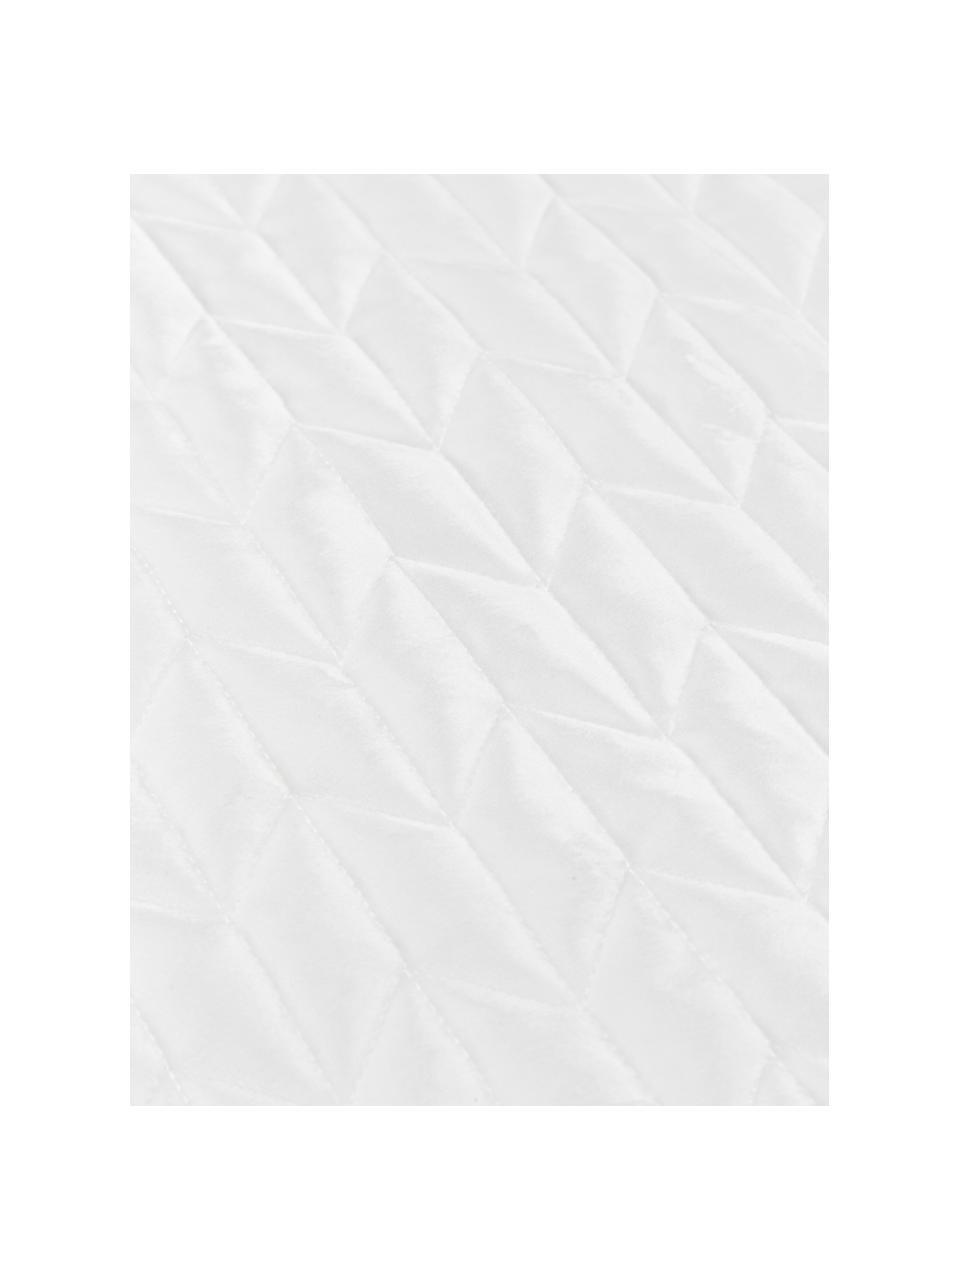 Couvre-lit avec matelassage décoratif Tily, Blanc